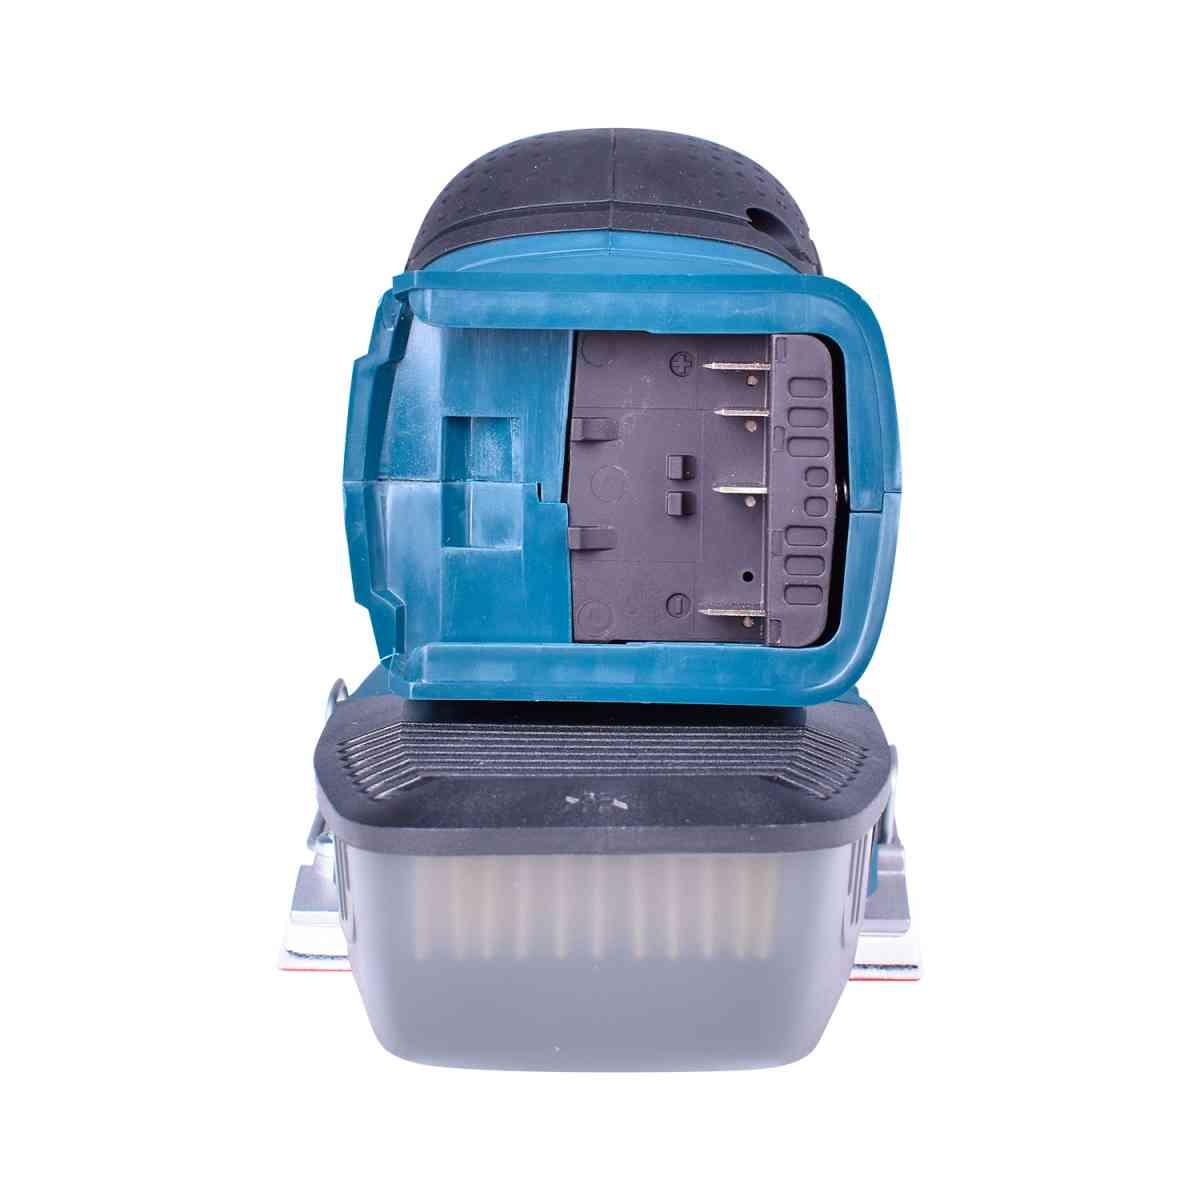 Lixadeira Orbital Gss18V-10 + Aspirador de Pó Portátil Gas18V-1 + Carregador com 2 Baterias 18V + Bolsa Para Ferramentas Bosch